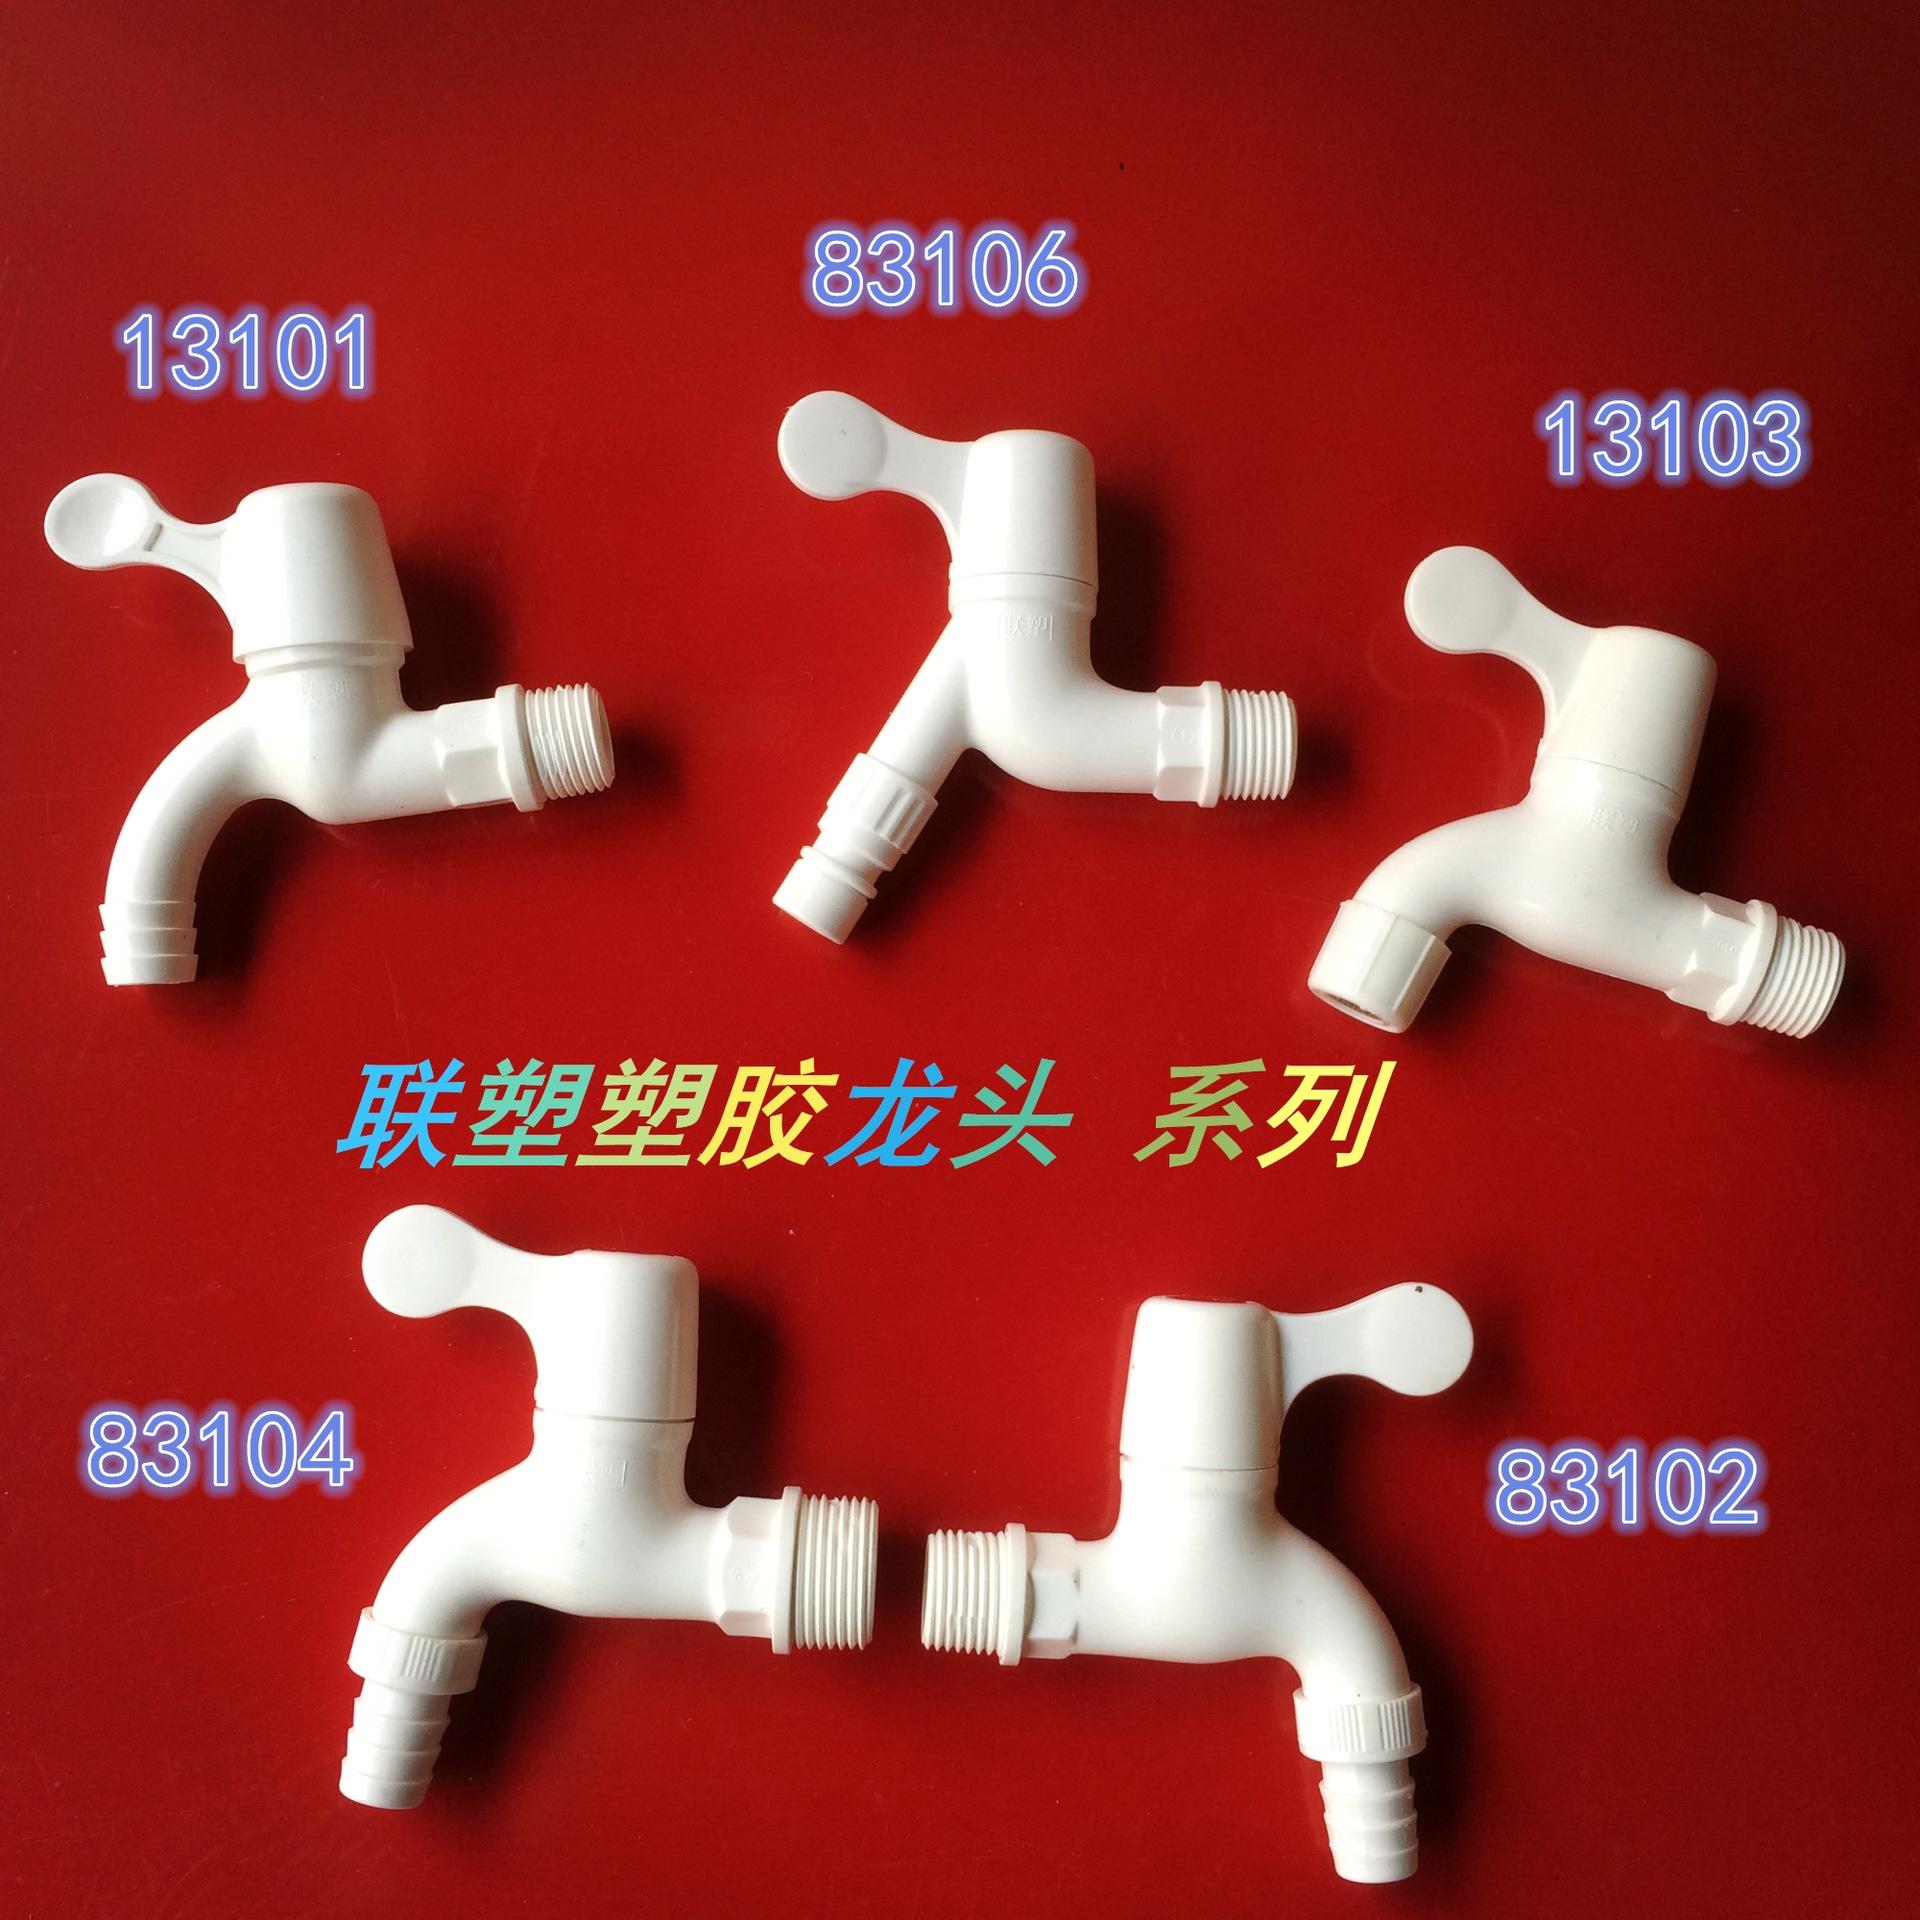 联塑pvc塑料水龙头83102洗衣机水龙头厨房单冷水龙头外贸跨境